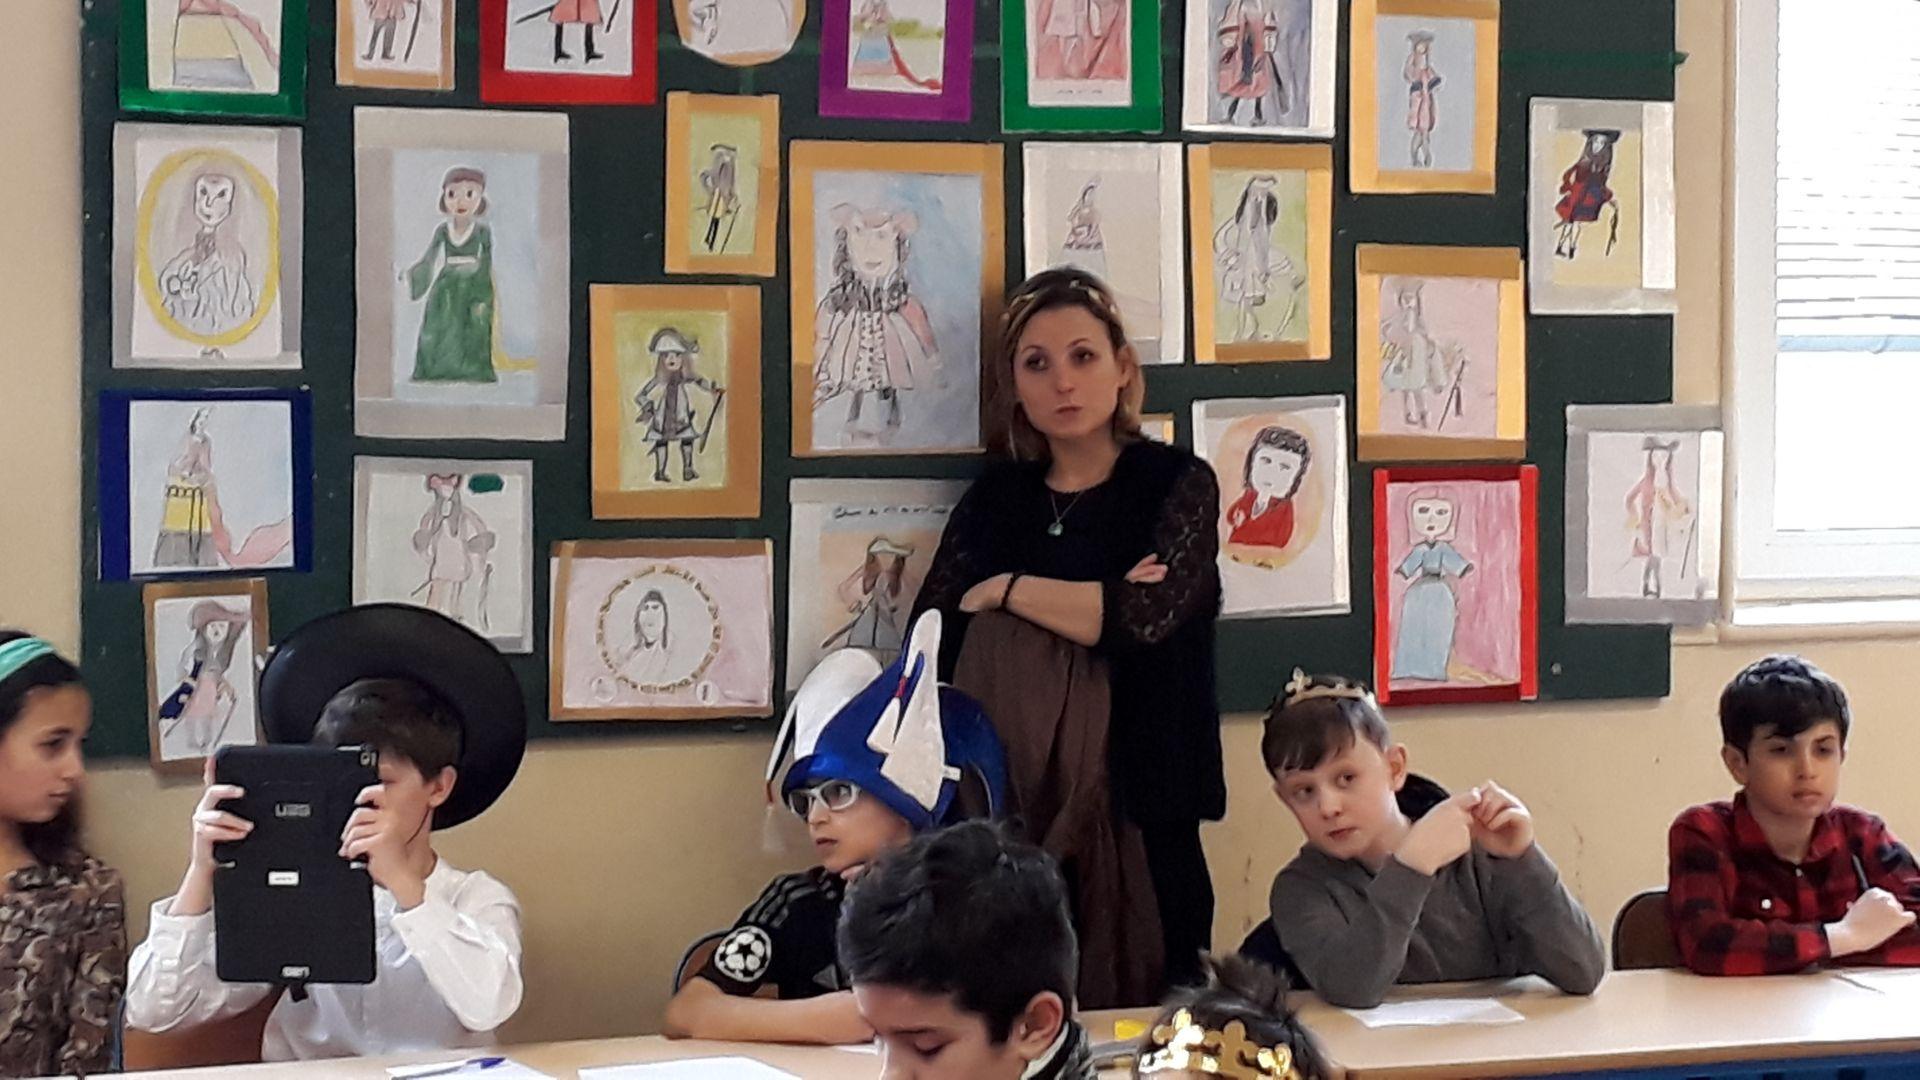 Atelier en classe à l'école élémentaire Jules Ferry de Rueil-Malmaison